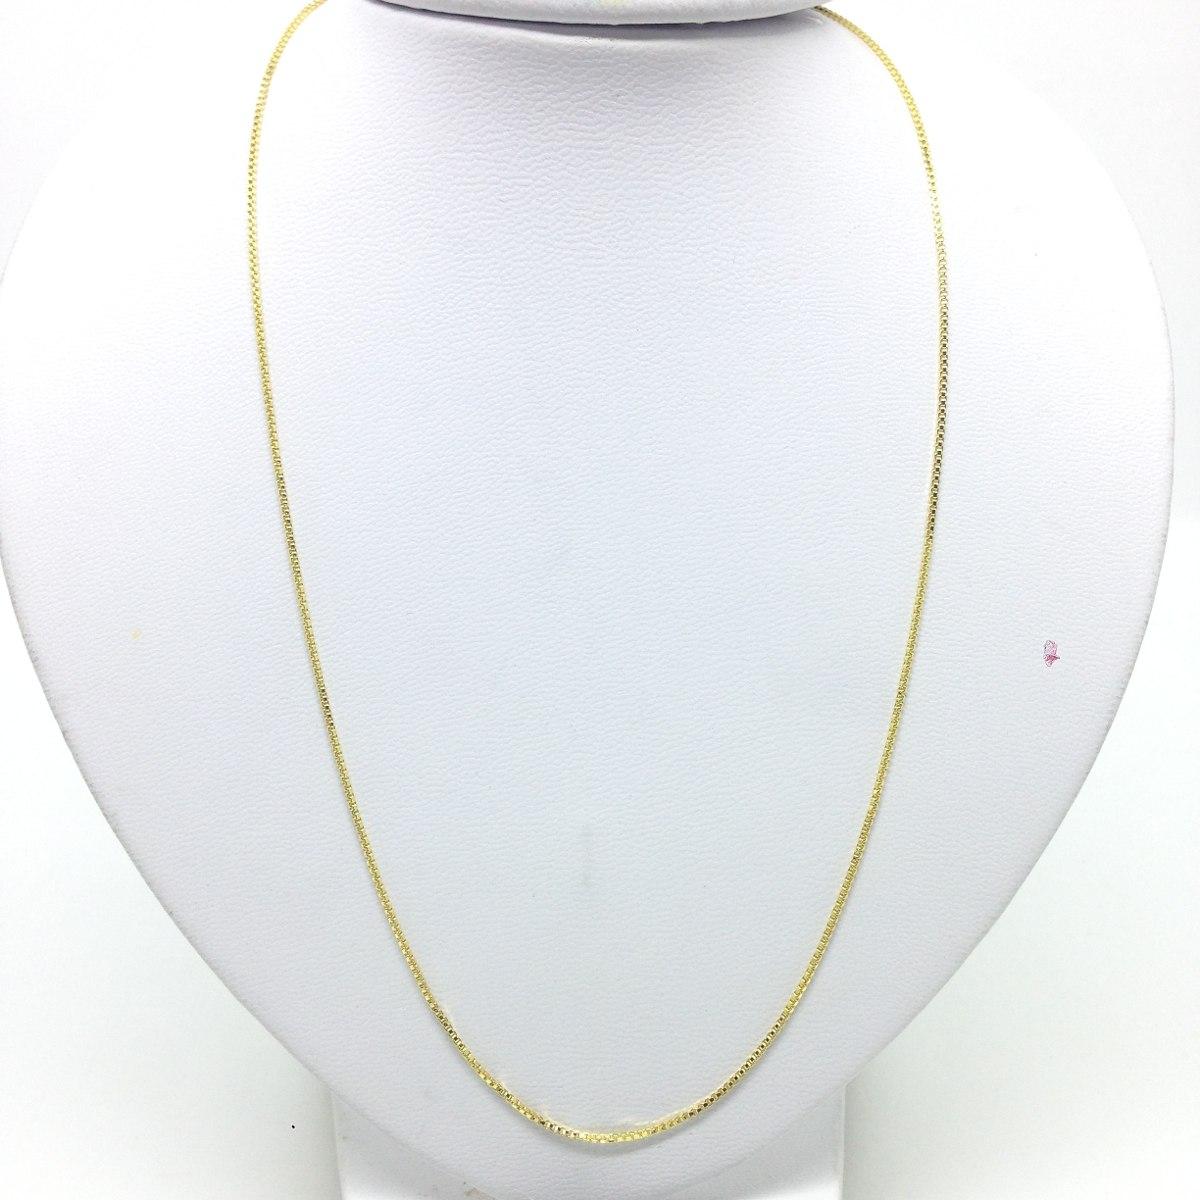 73c55ac1edc73 Corrente de ouro 18k veneziana 1mm com 70cm t